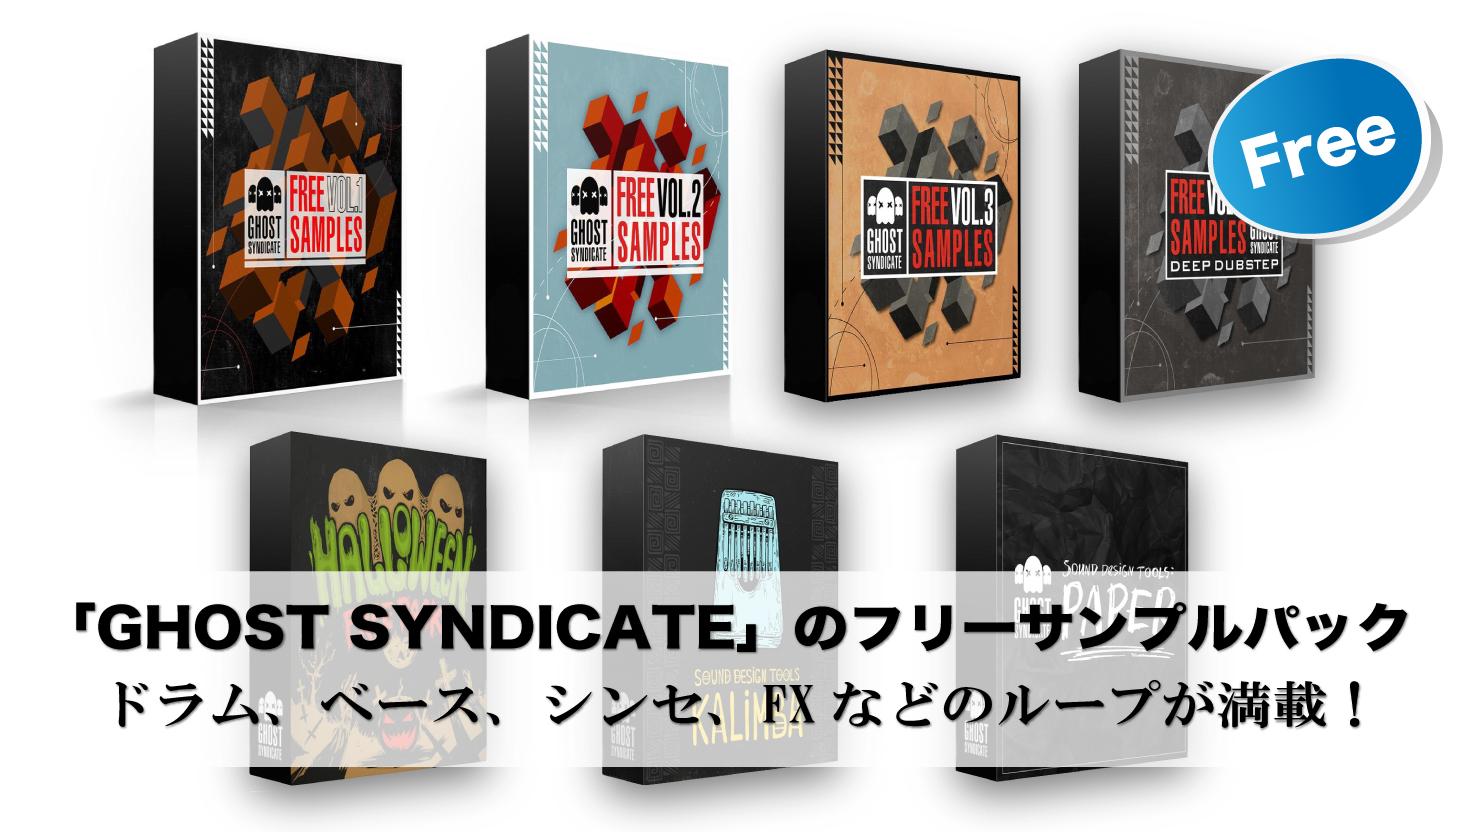 【無料】「GHOST SYNDICATE」のフリーサンプルパック!ドラム、ベース、シンセ、FXなどのループが満載